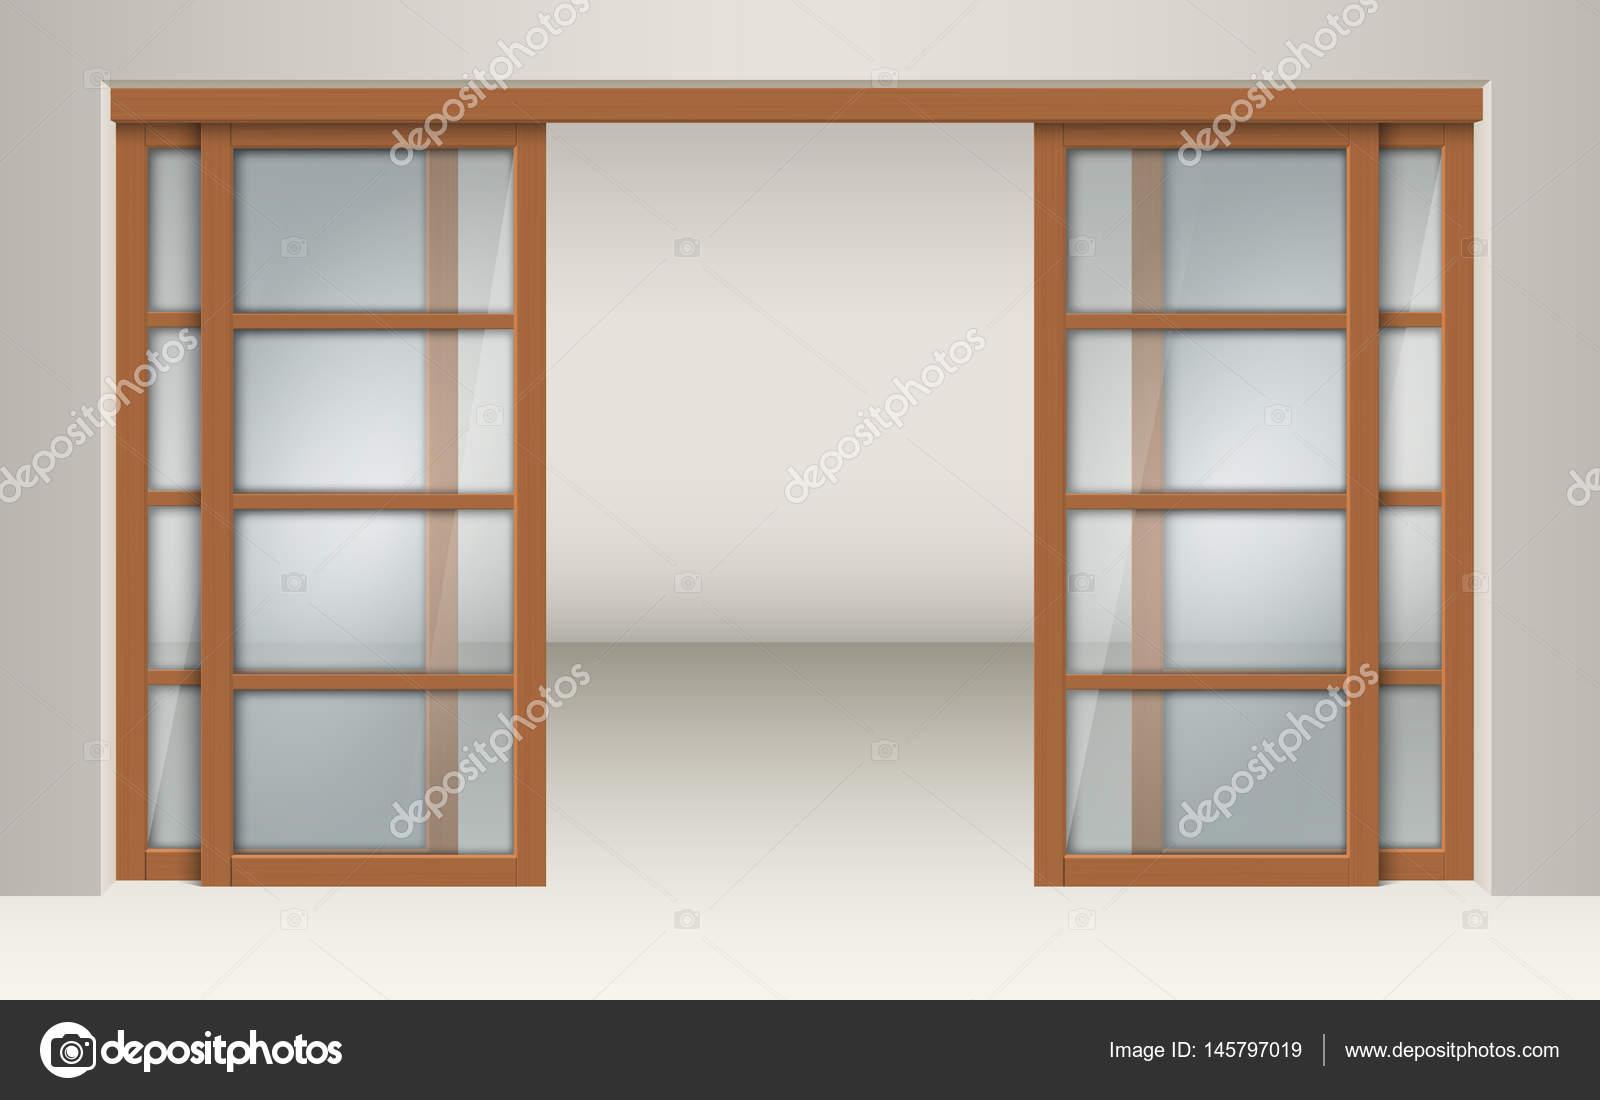 Puertas corredizas de vidrio con dinteles de madera for Vidrios para puertas de madera